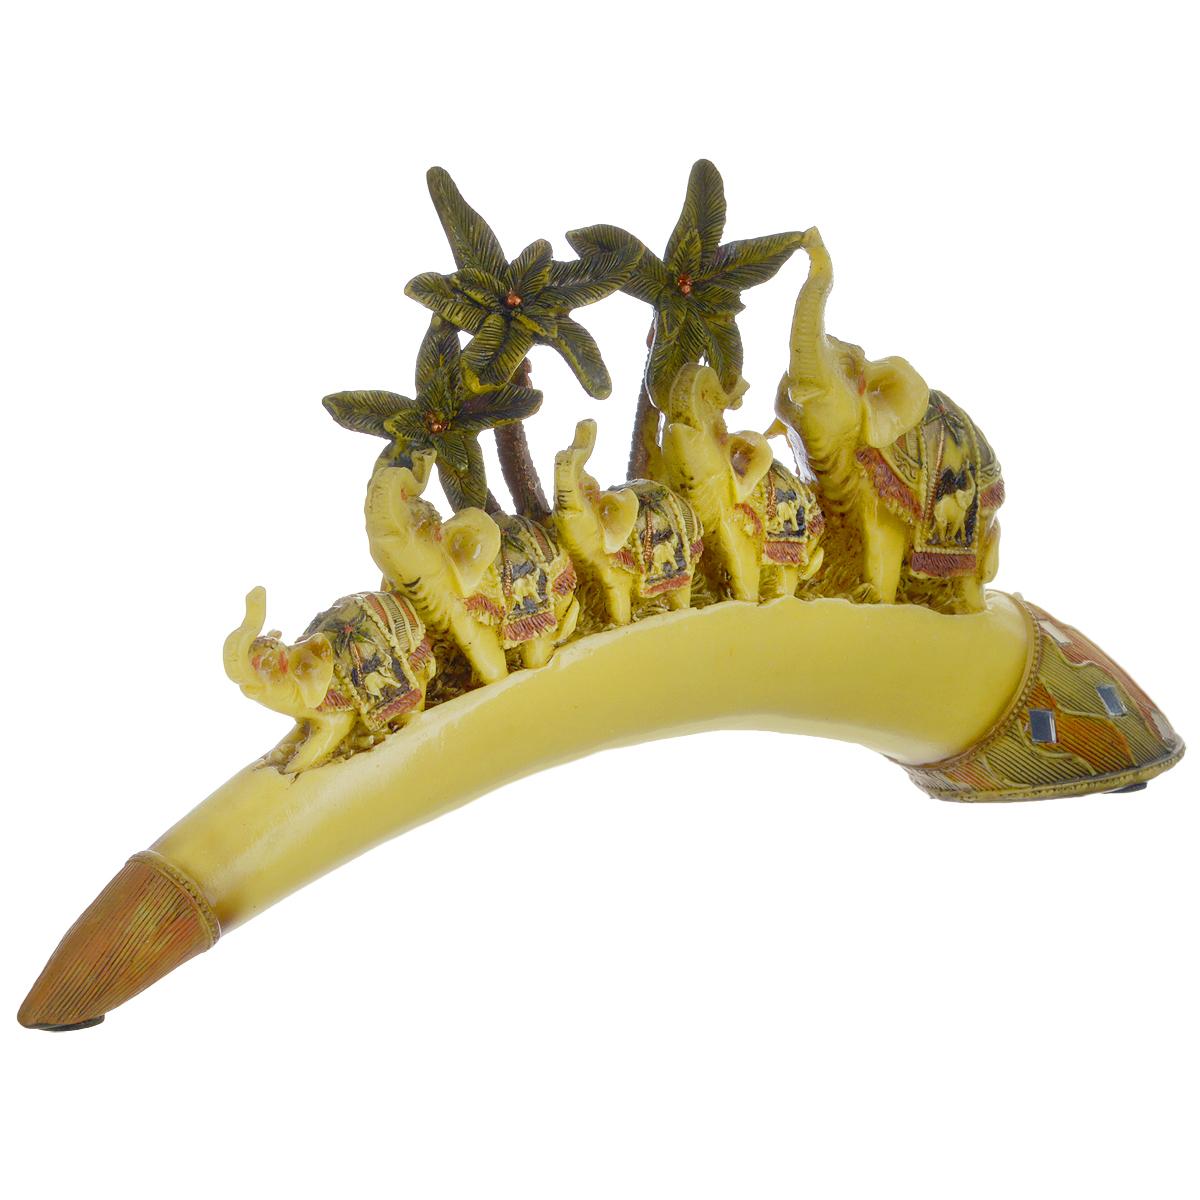 Фигурка декоративная Molento Счастливая пятерка, высота 16,5 см695281Декоративная фигурка Molento Счастливая пятерка, выполненная из полистоуна, станет отличным украшением интерьера и подчеркнет его изысканность. Изделие выполнено в виде бивня слона, на котором расположена композиция из пальм и пяти слонов.Такая фигурка всегда сможет послужить приятным подарком для ваших друзей и близких. Размер фигурки: 35,5 см х 5,5 см х 16,5 см.